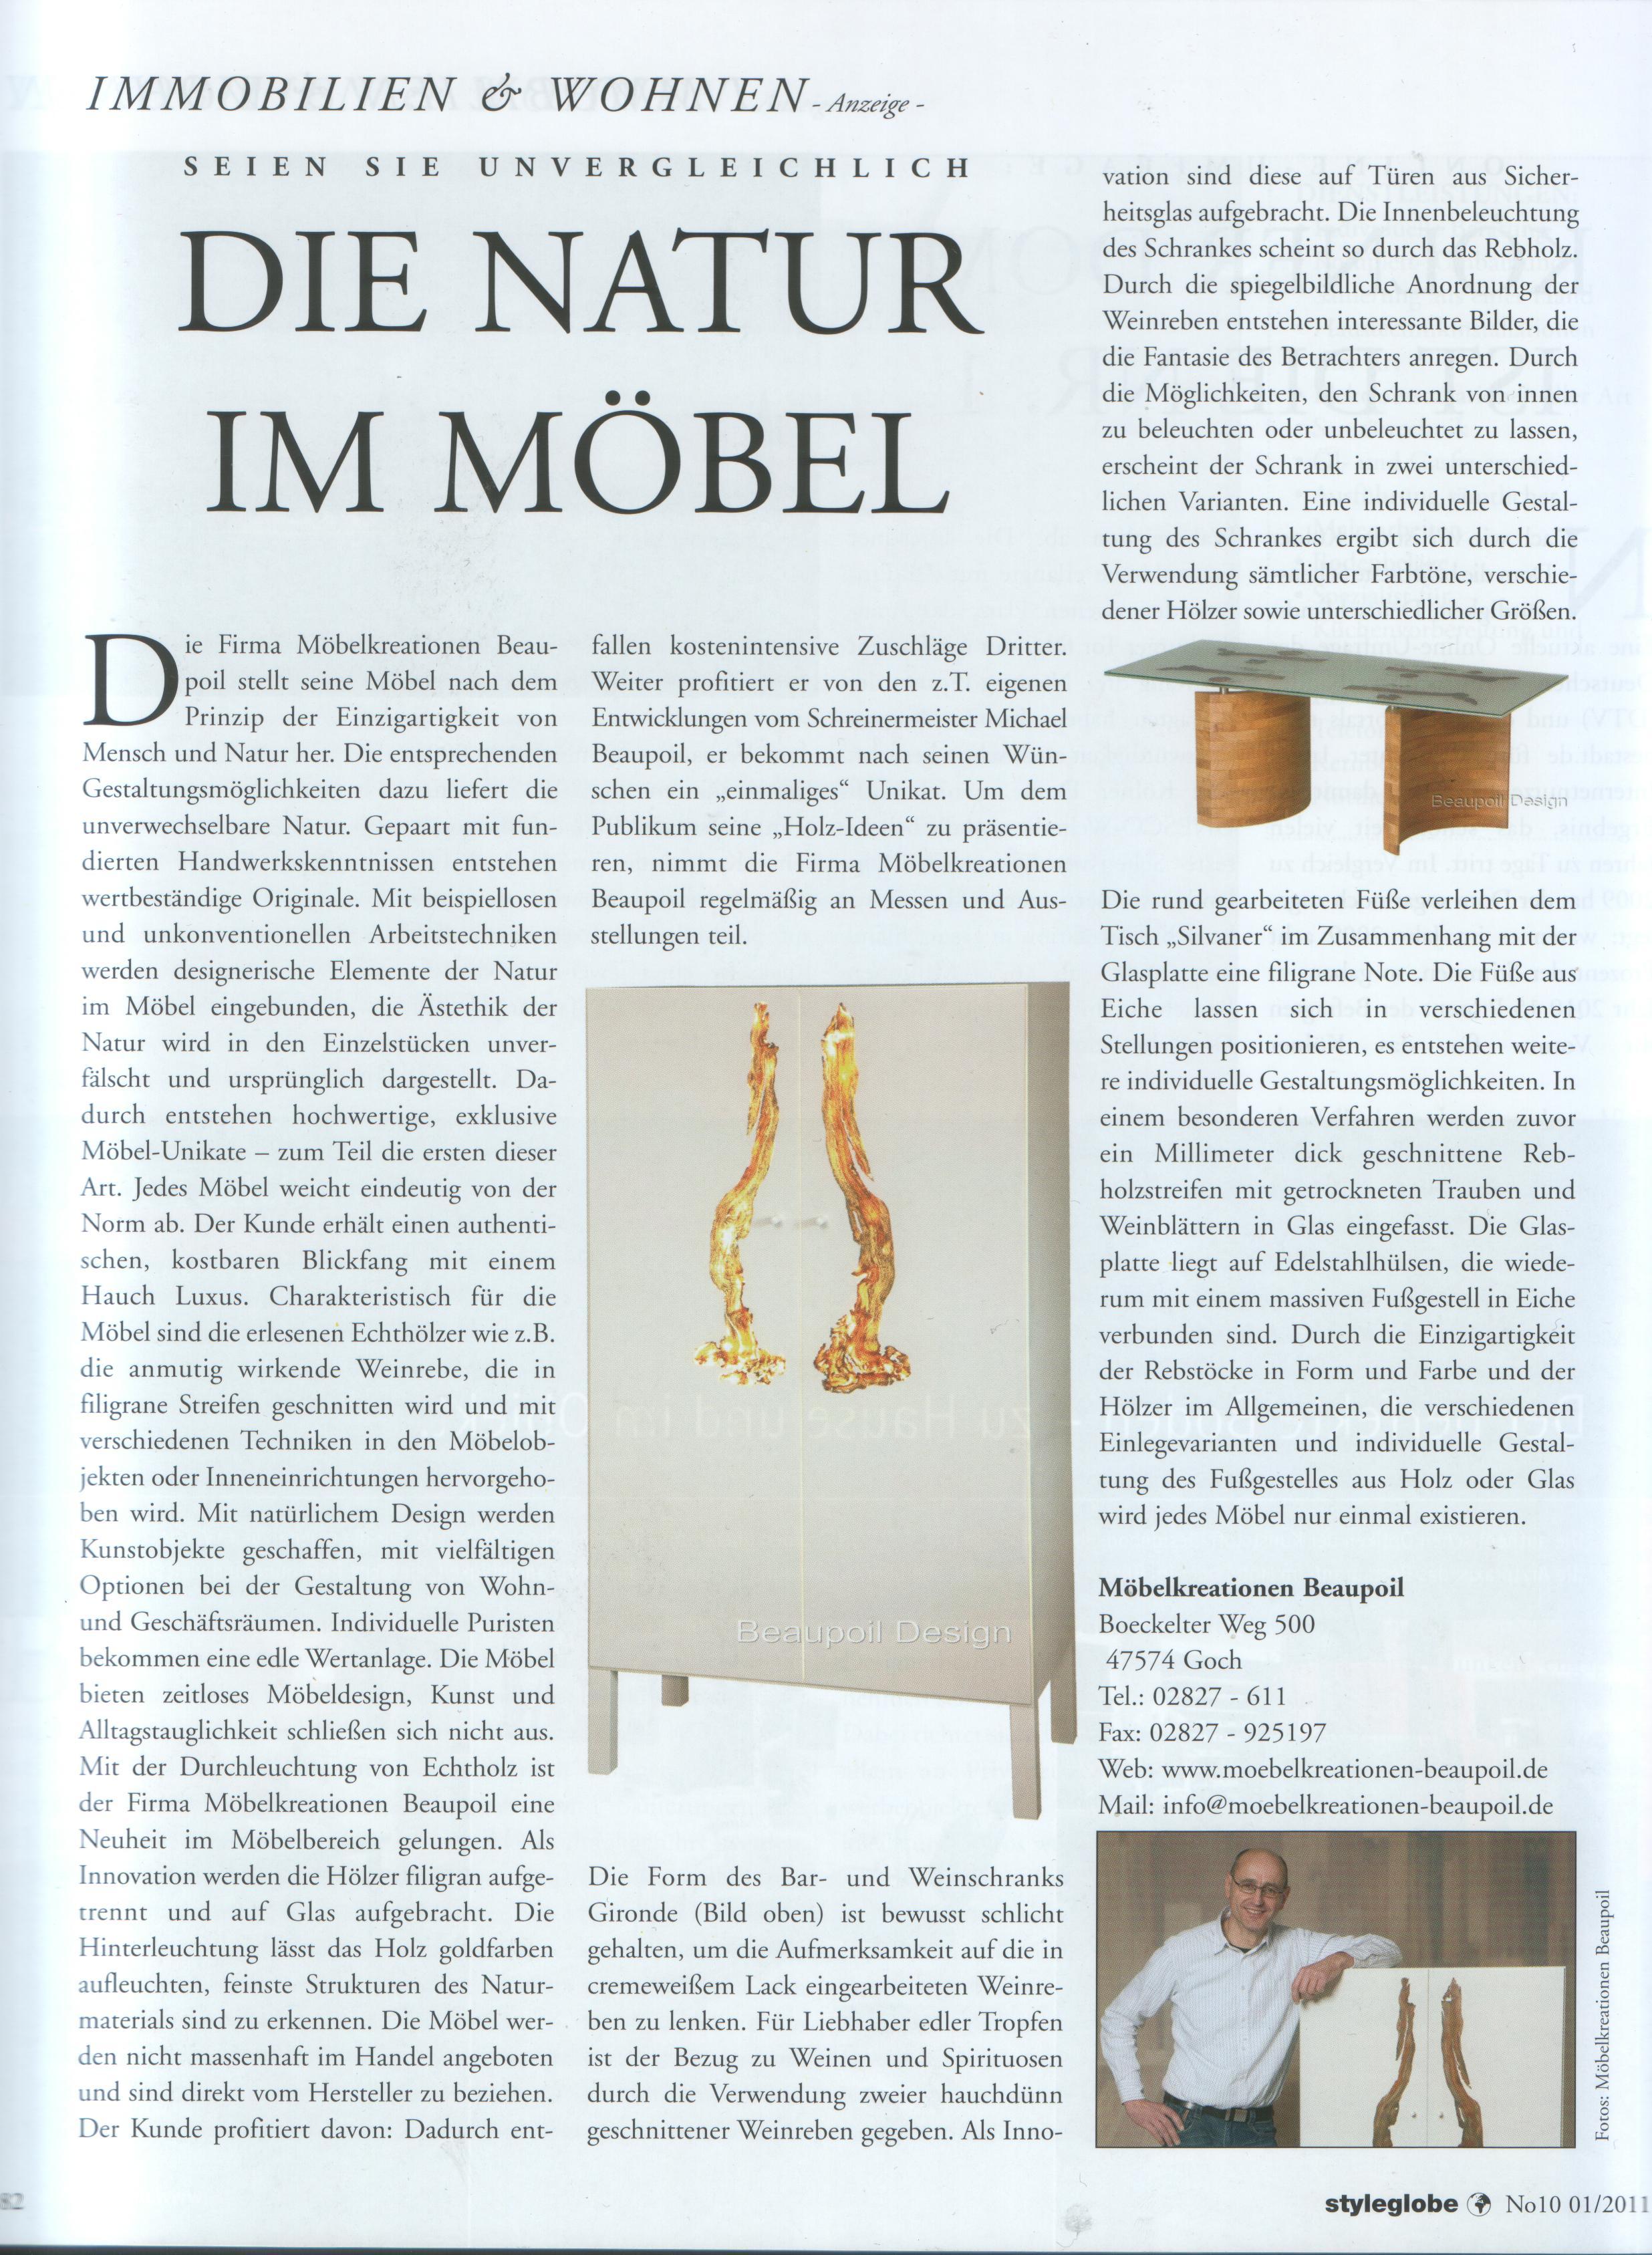 Presse Styleglobe Möbelunikate, die Natur im Möbel von Michael Beaupoil Möbelkreationen, einzigartige Möbel und Holztische